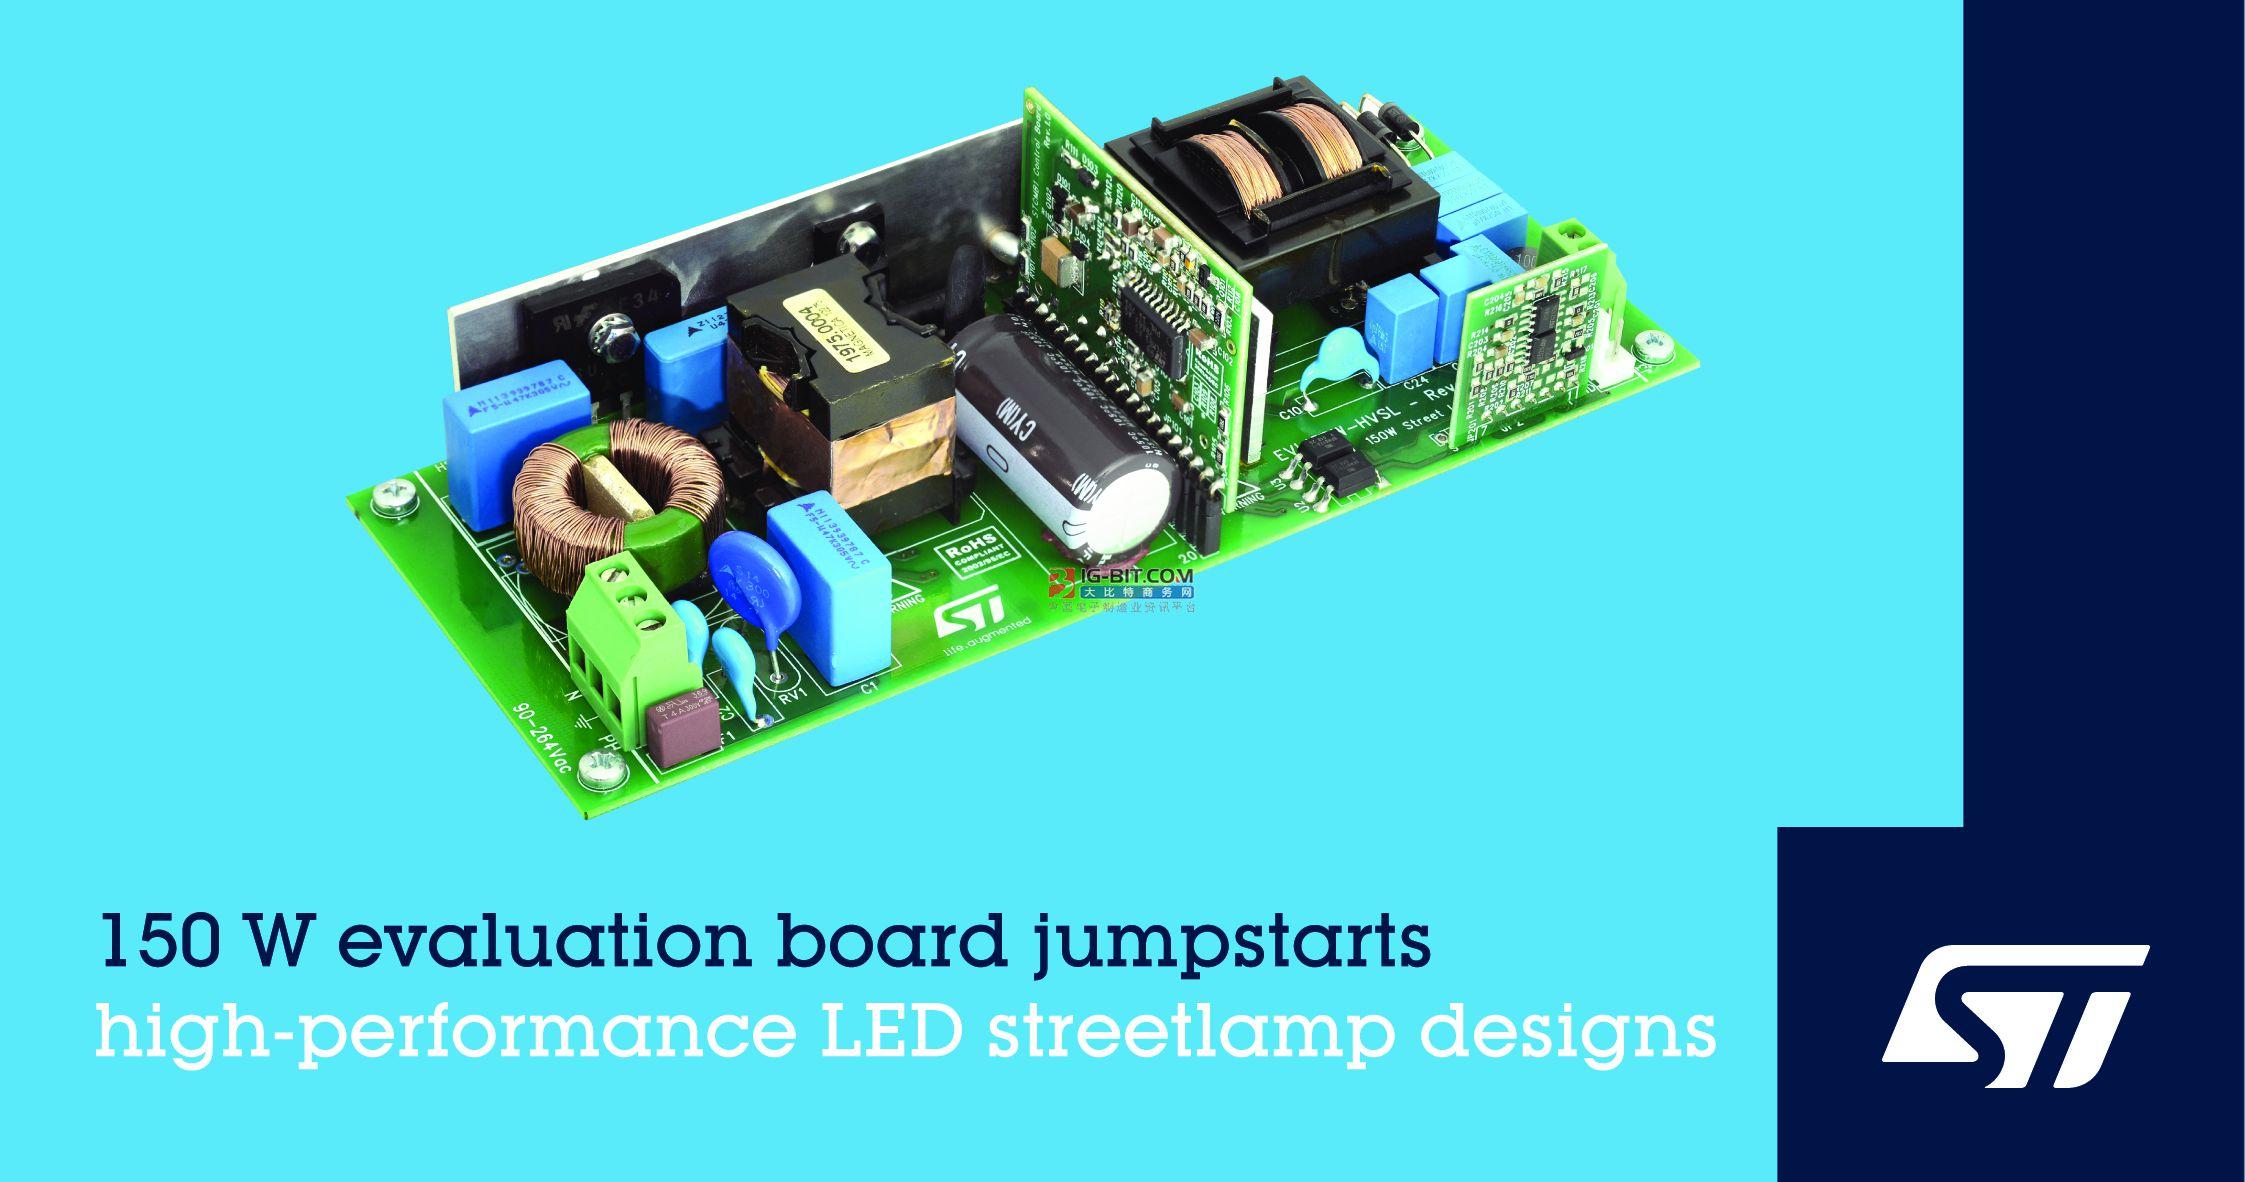 法半導體推出150W評估板和參考設計 致力于推動安全高效的LED路燈應用的發展